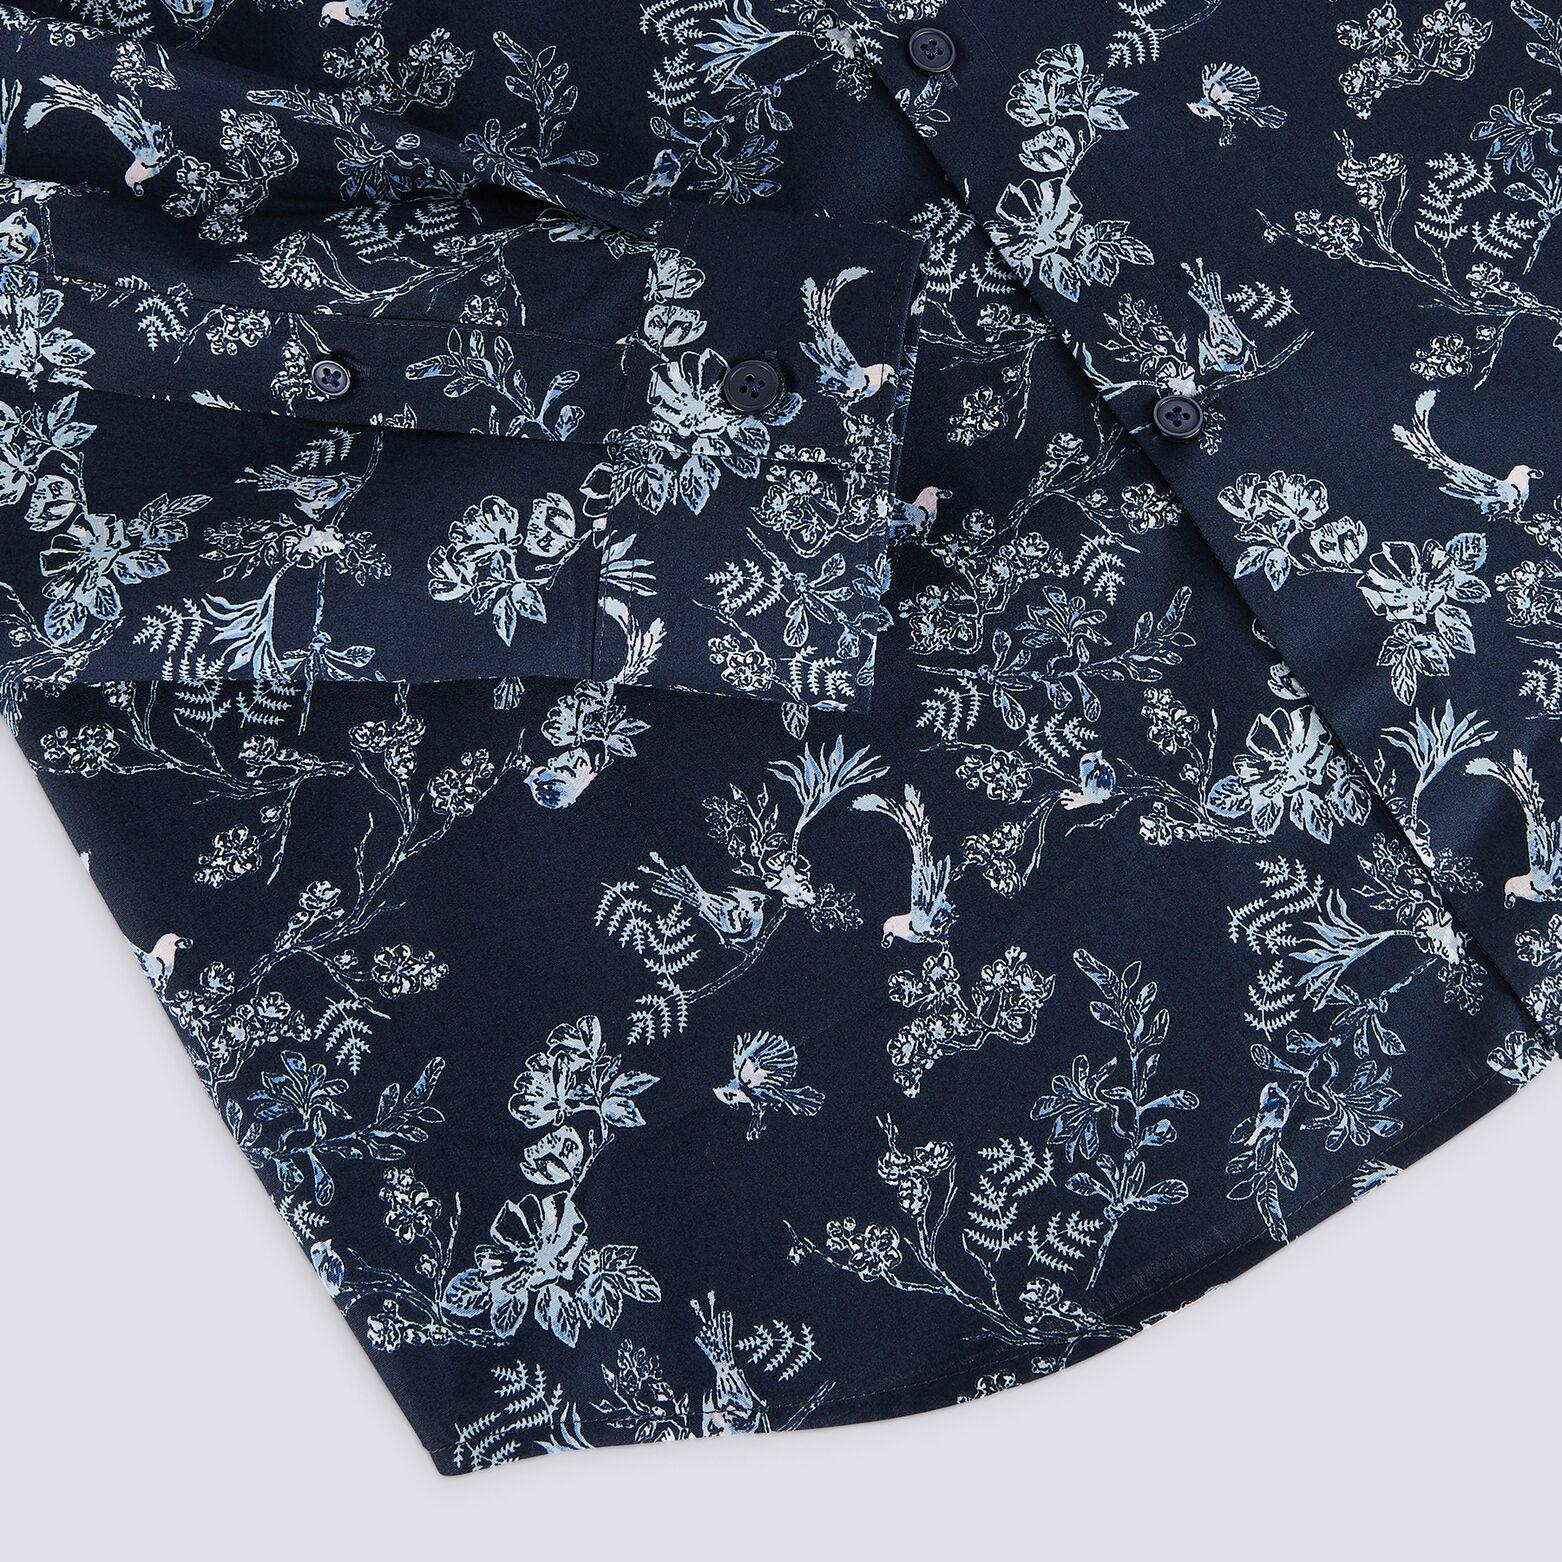 Chemise regular popeline motif fleuri